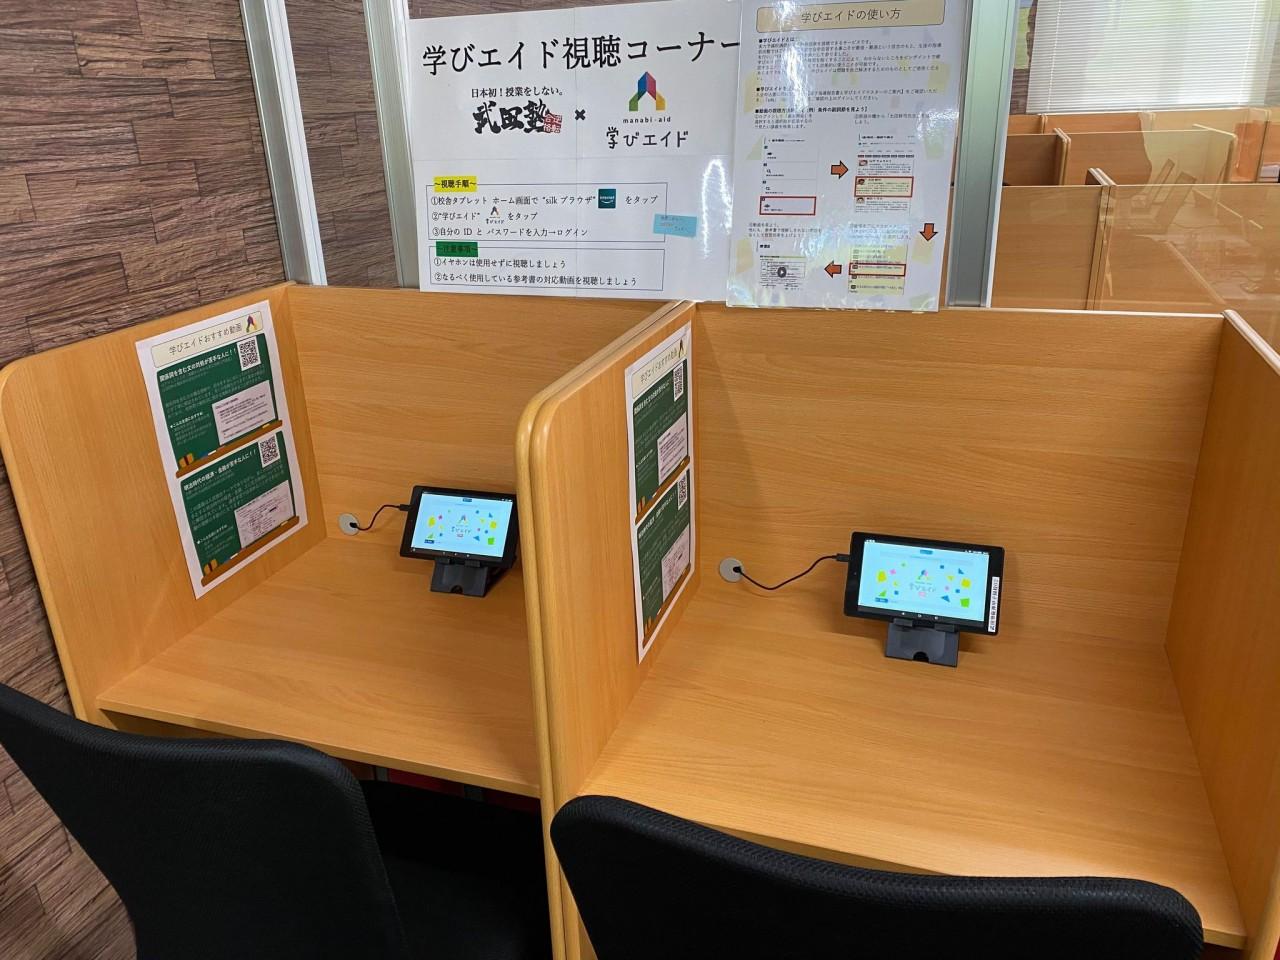 武田塾 阪神甲子園校 学びエイド視聴コーナー